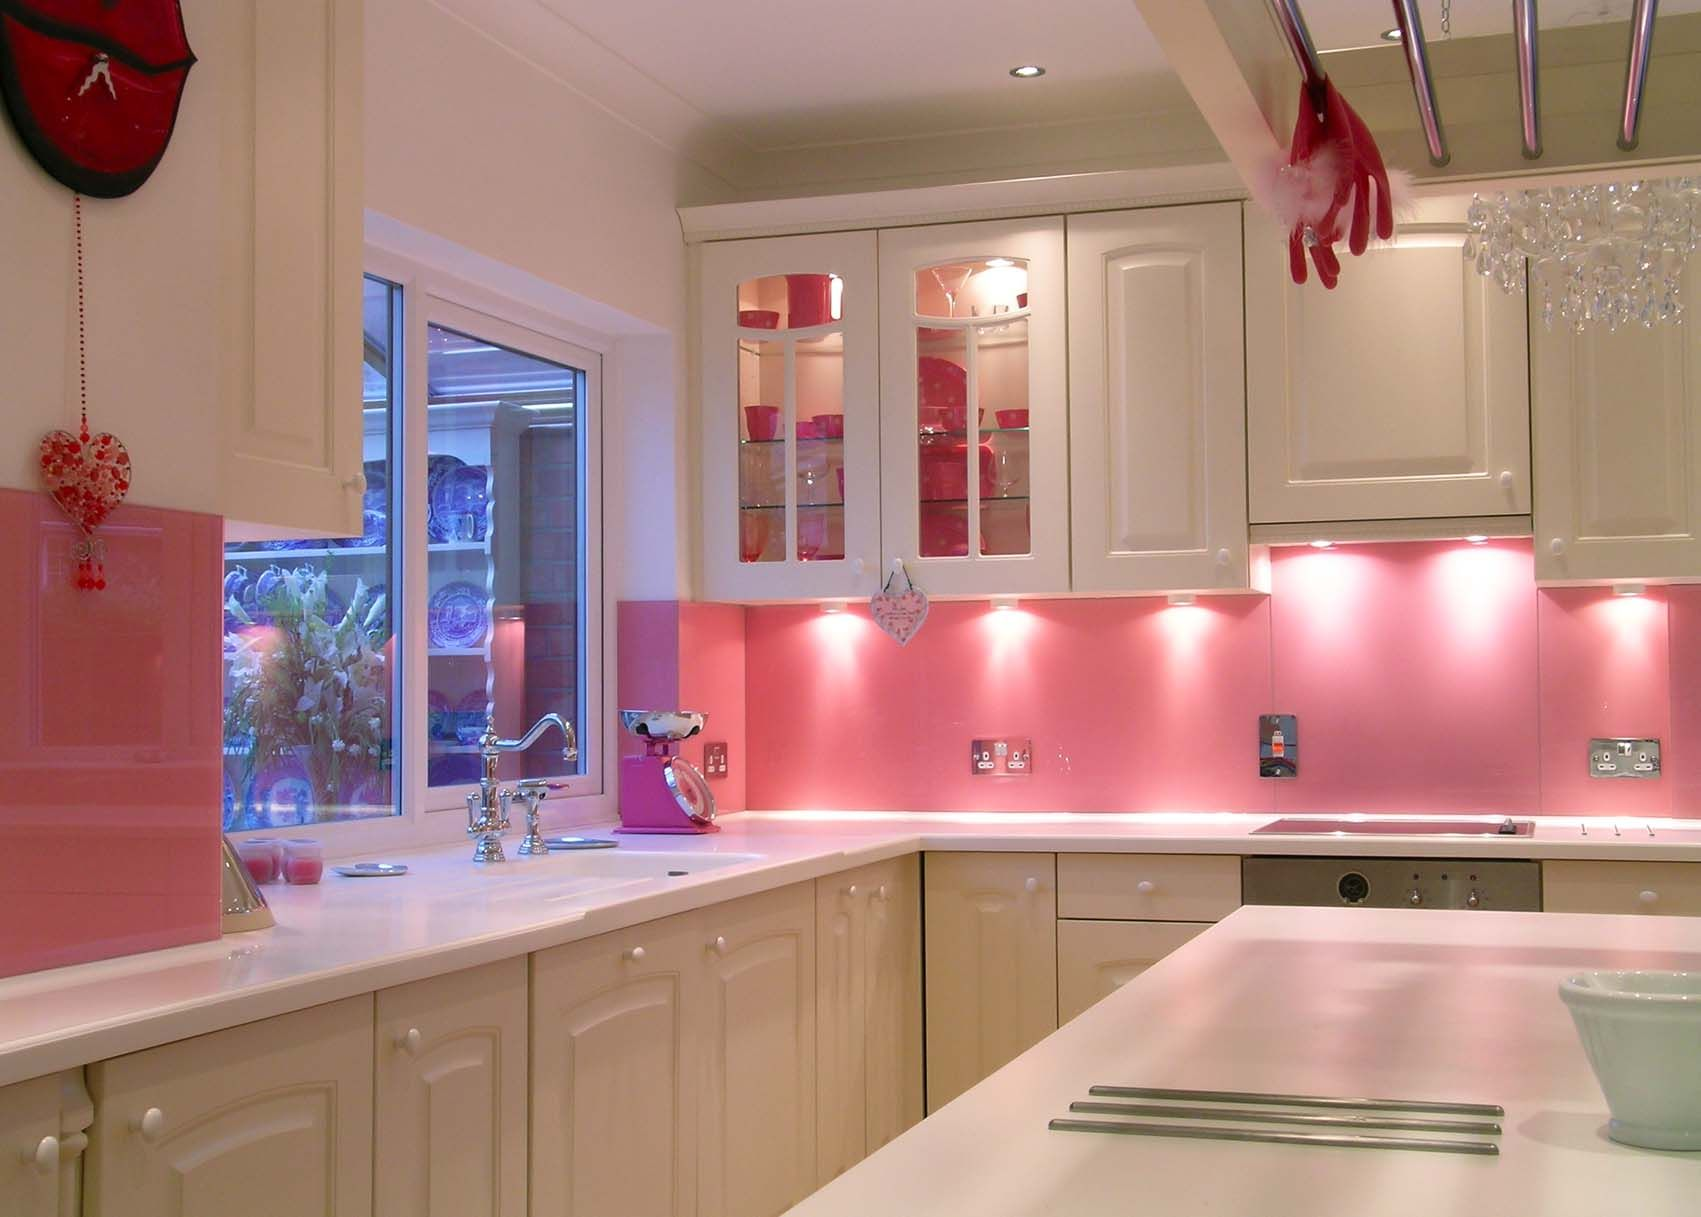 Astounding Pinke Küche Galerie Von Pink Kitchen Splashbacks #kbhome